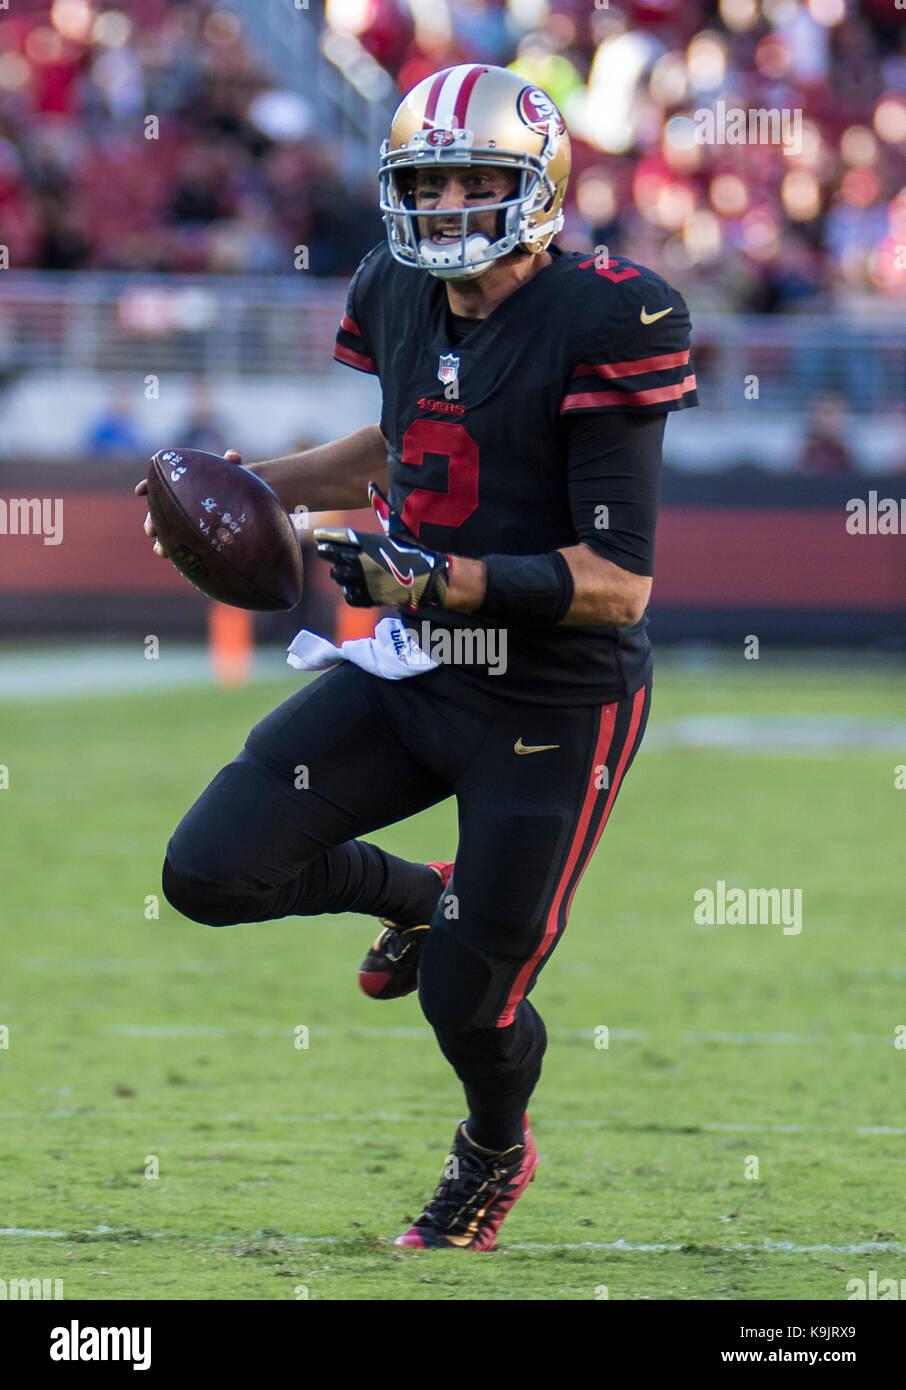 Santa Clara Usaa Ca 21st Sep 2017 49ers Quarterback Brian Hoyer Stock Photo Alamy